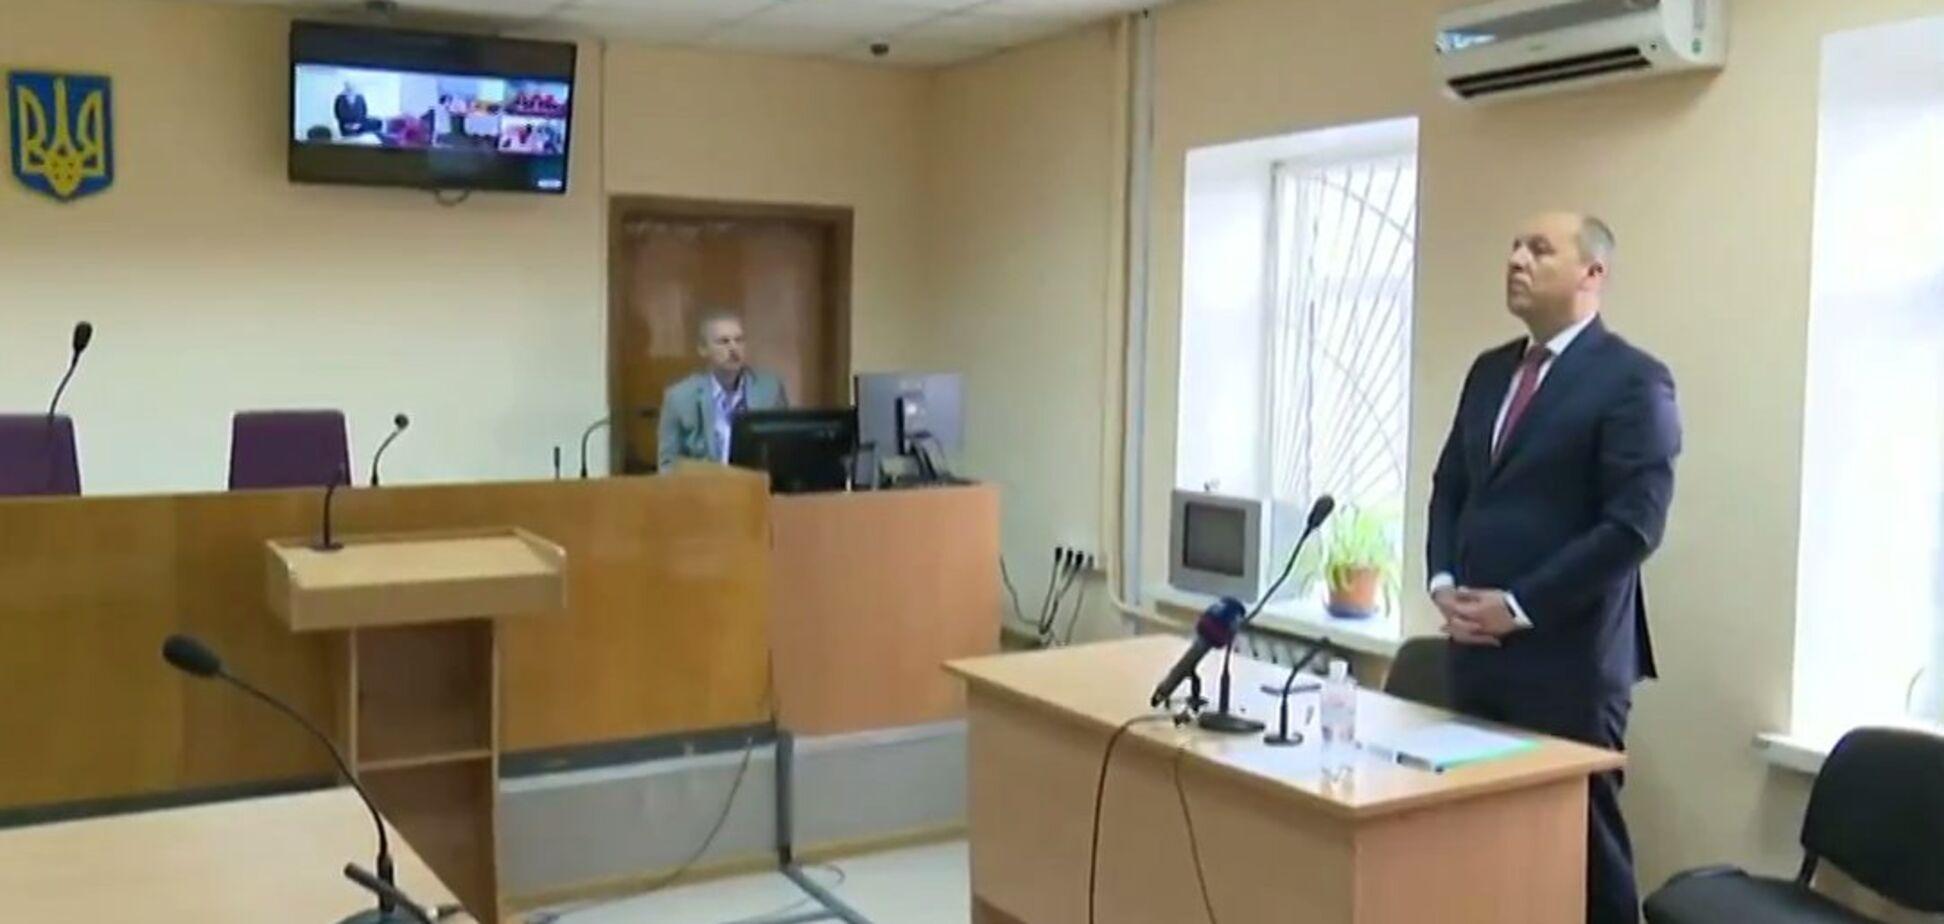 'По сценарию Медведчука': подробности переговоров с террористами 'ЛНР'